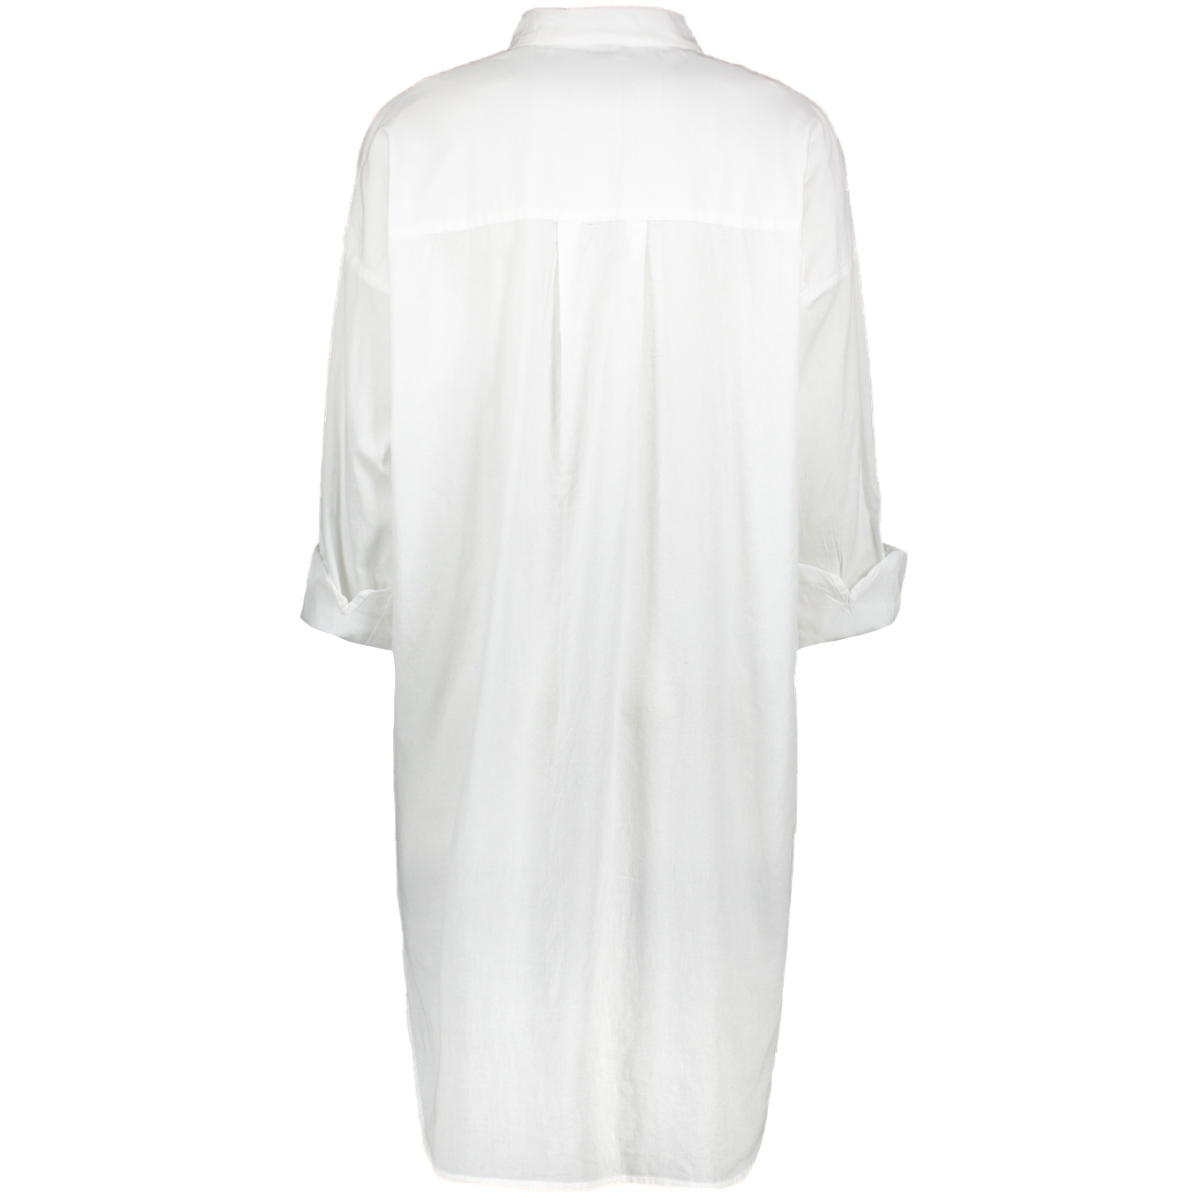 shirt dress 20 400 0202 10 days jurk white